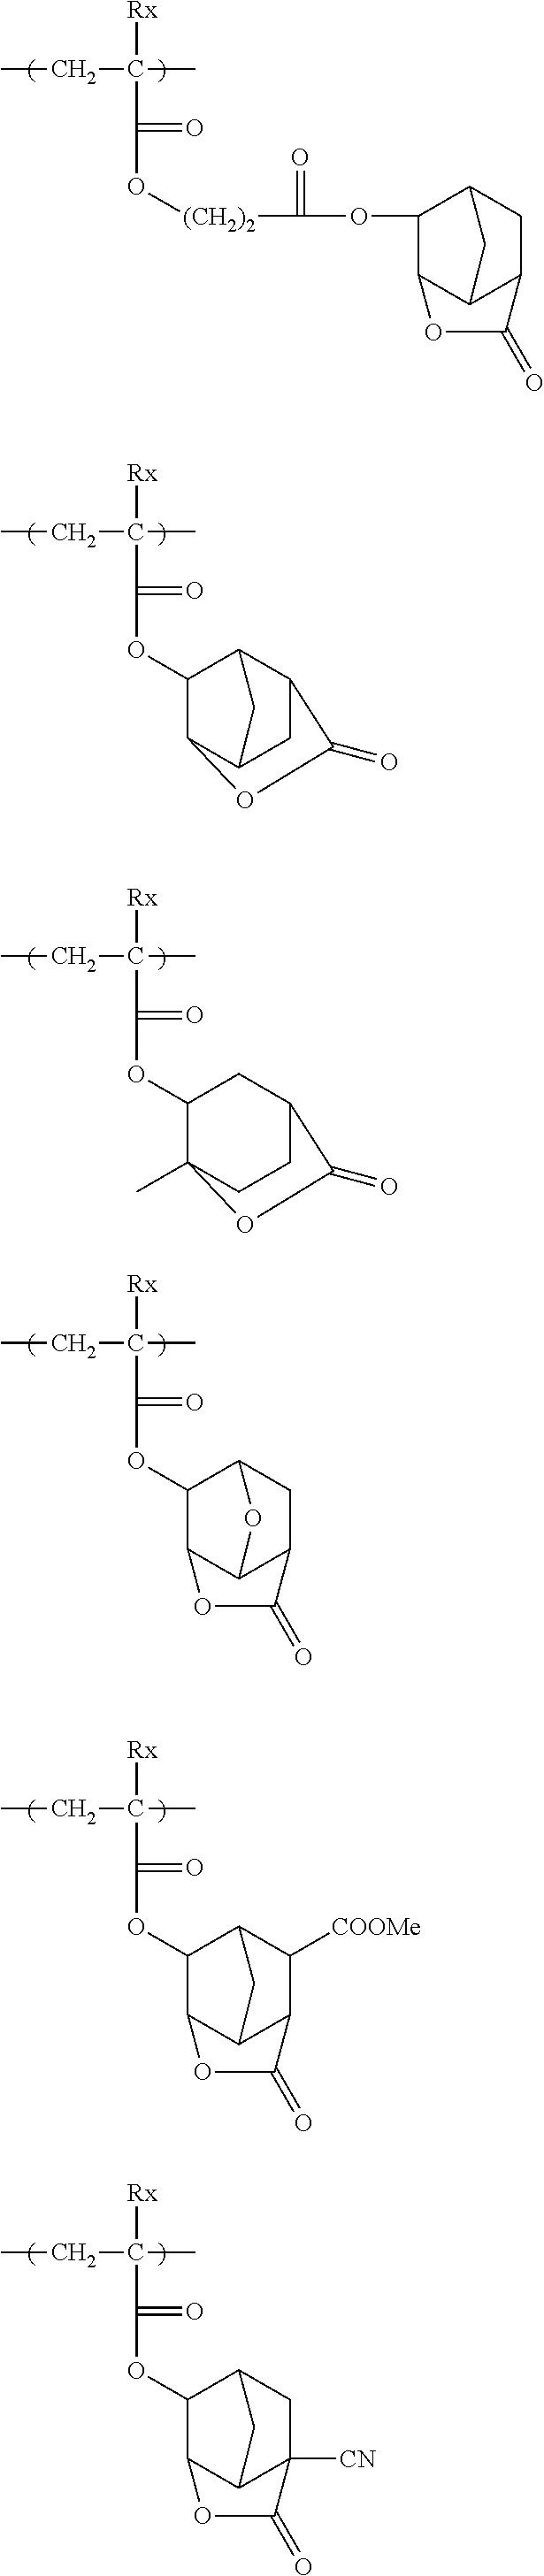 Figure US08632942-20140121-C00028